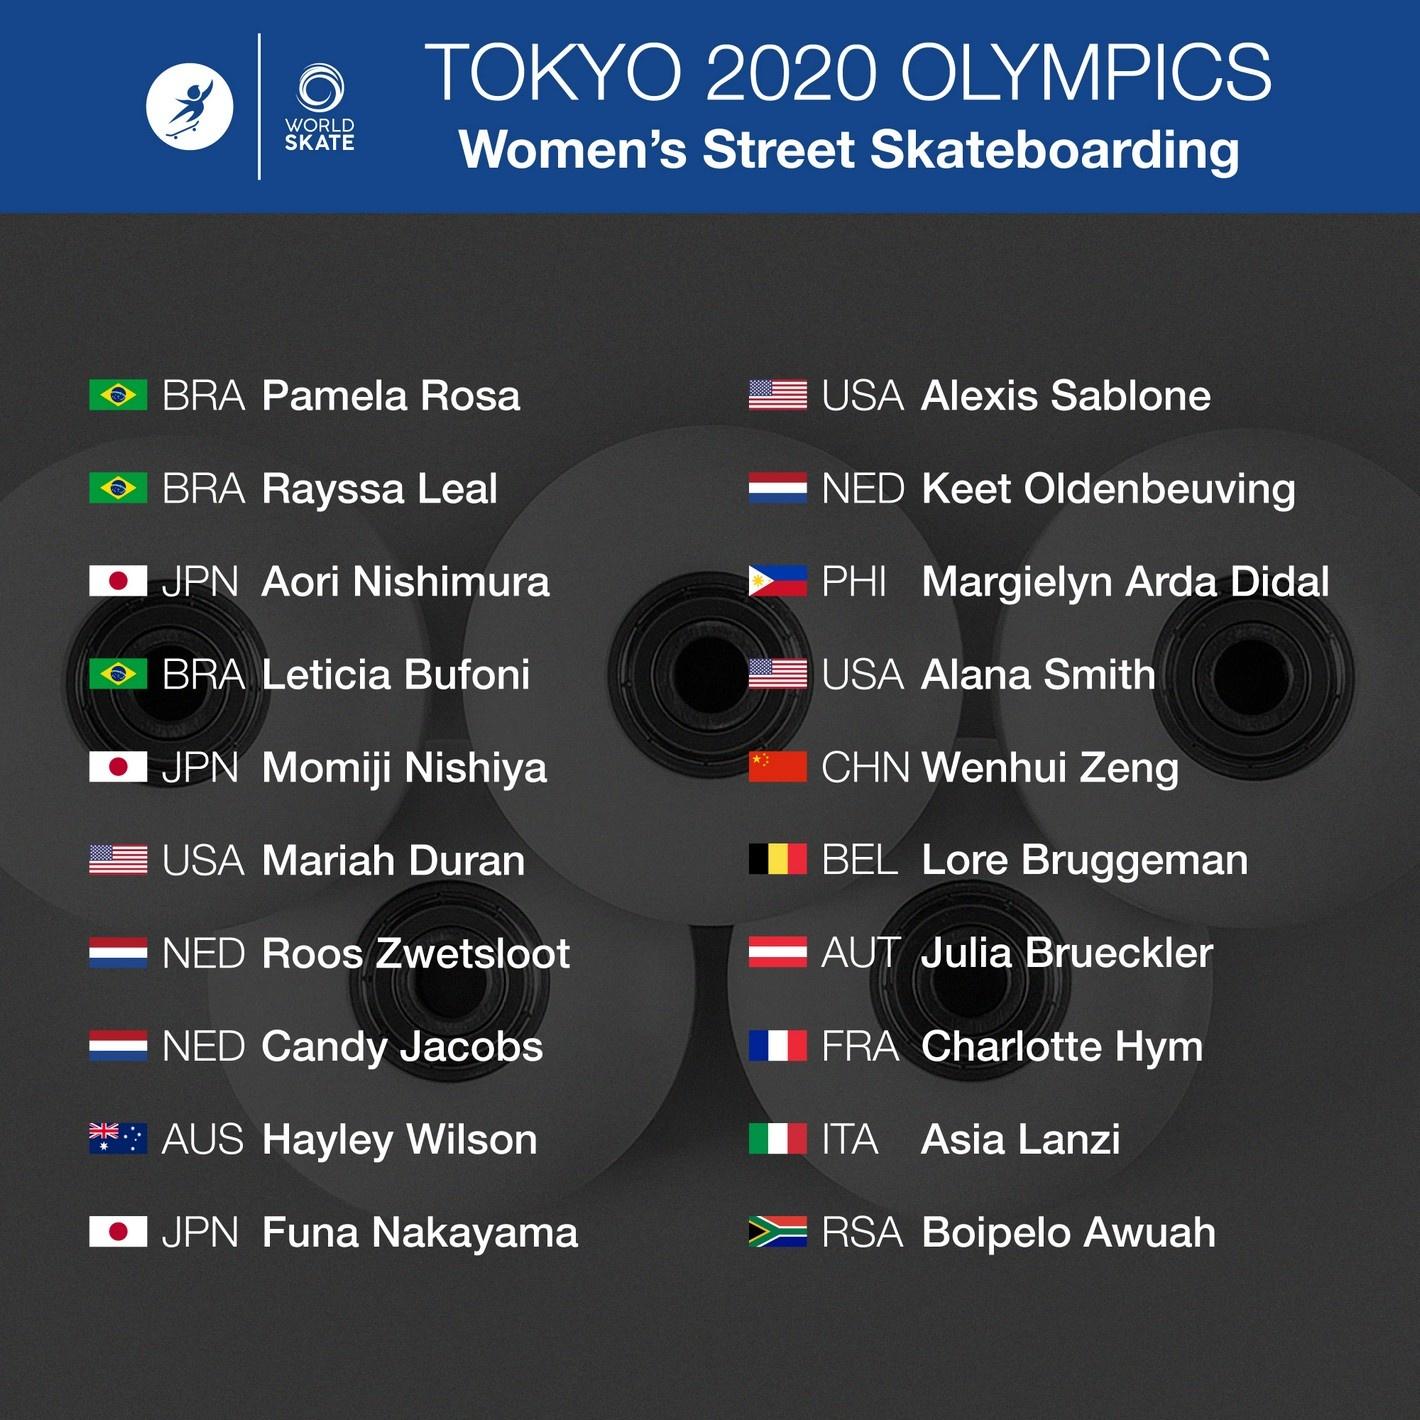 Olympic Skateboarding Women's Street Skater List